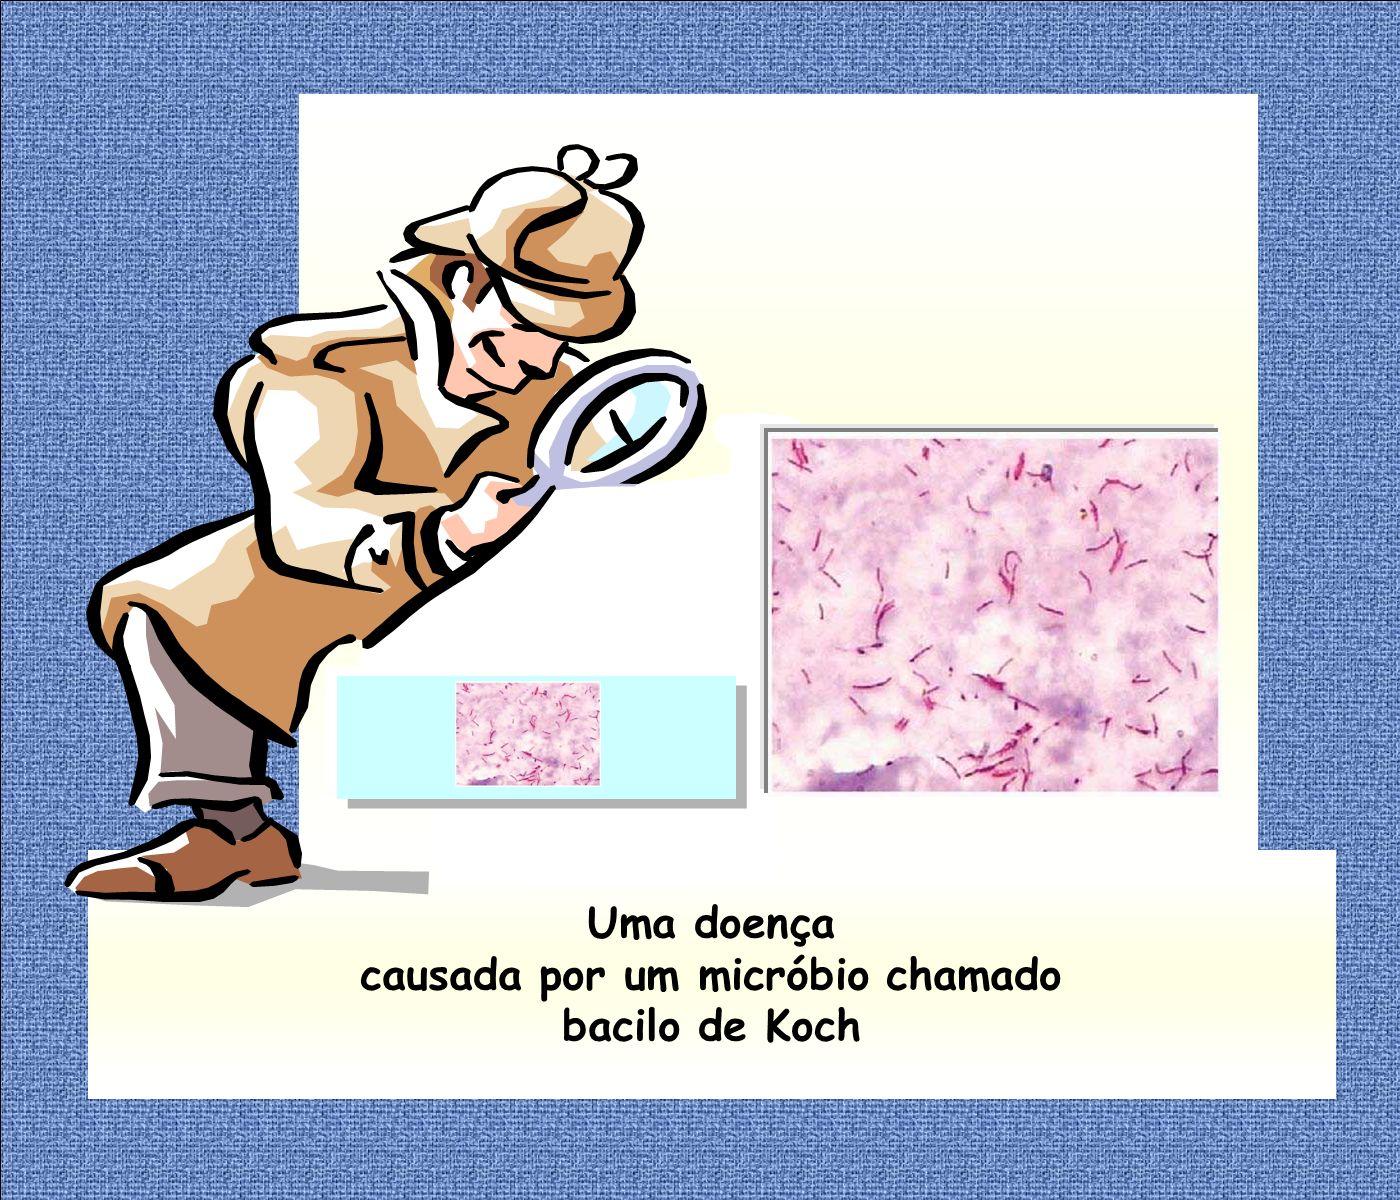 Uma doença causada por um micróbio chamado bacilo de Koch